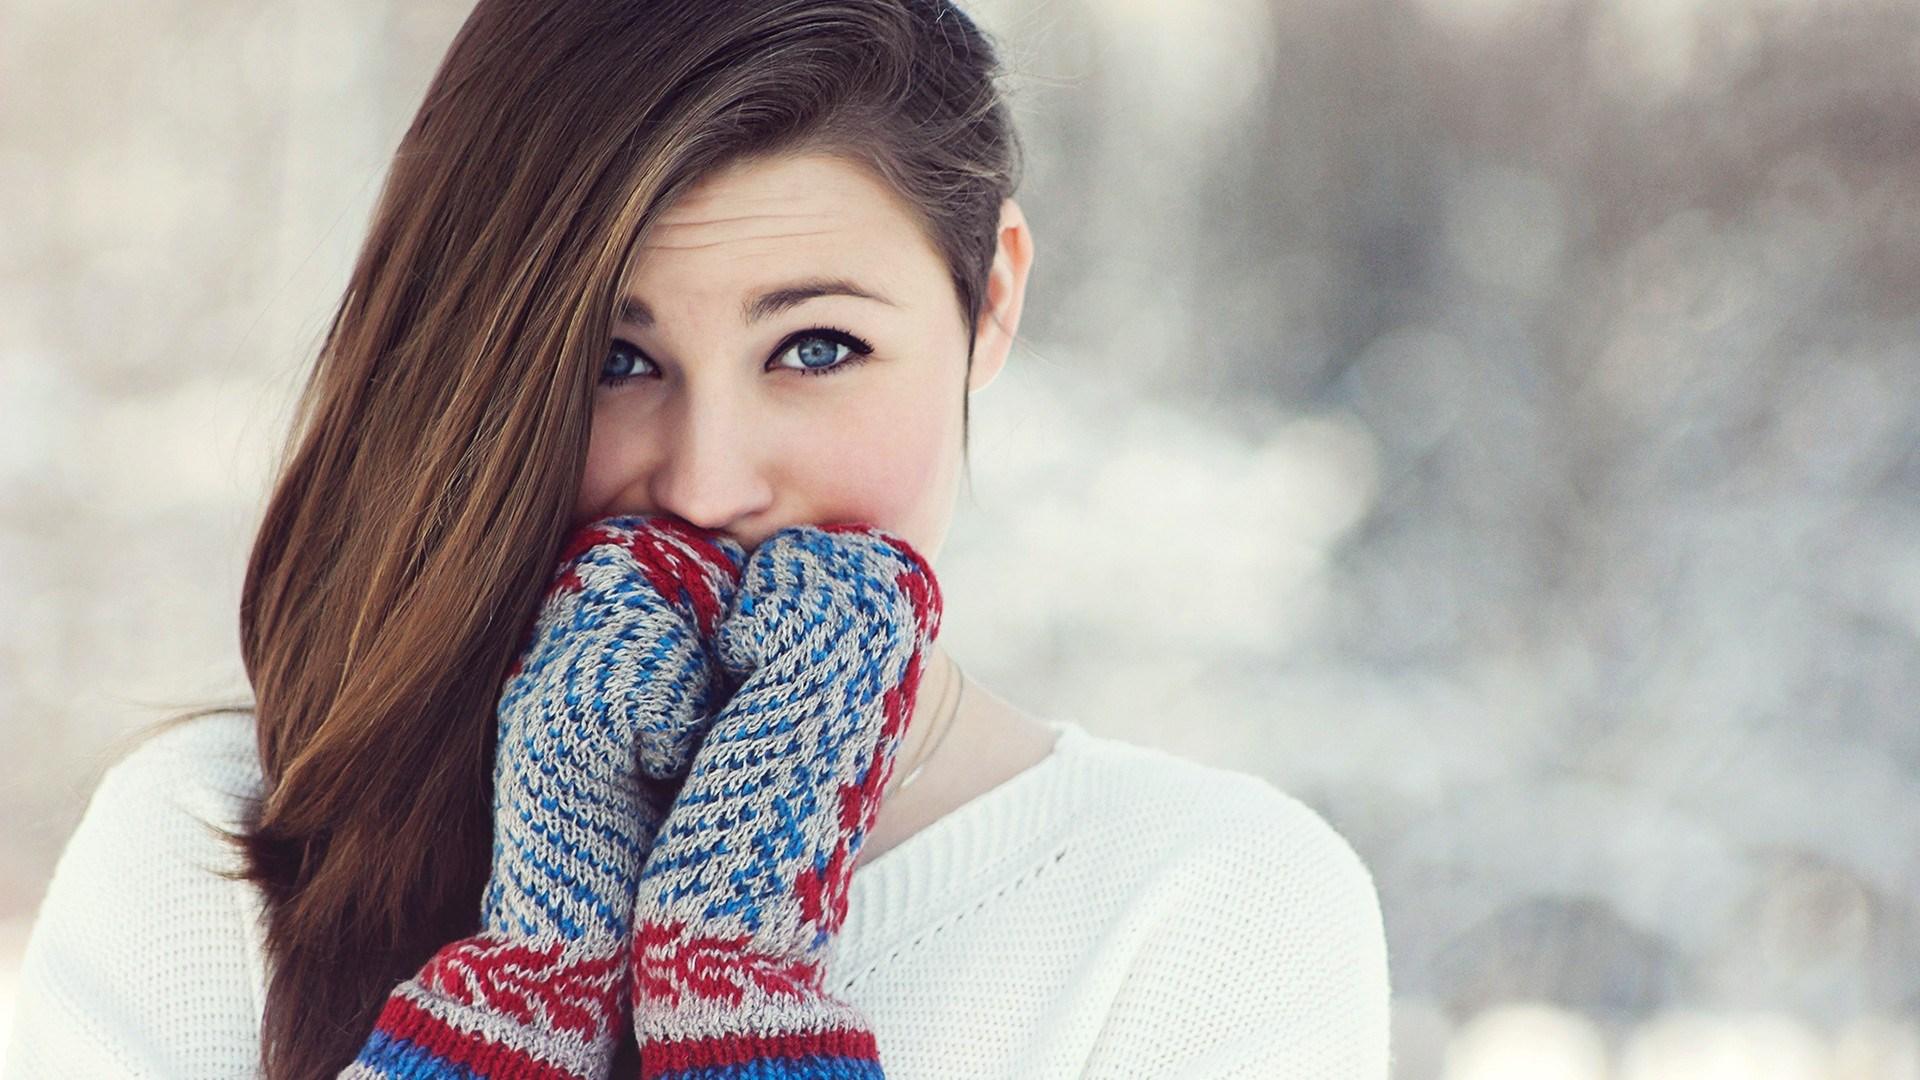 Girl Winter Gloves